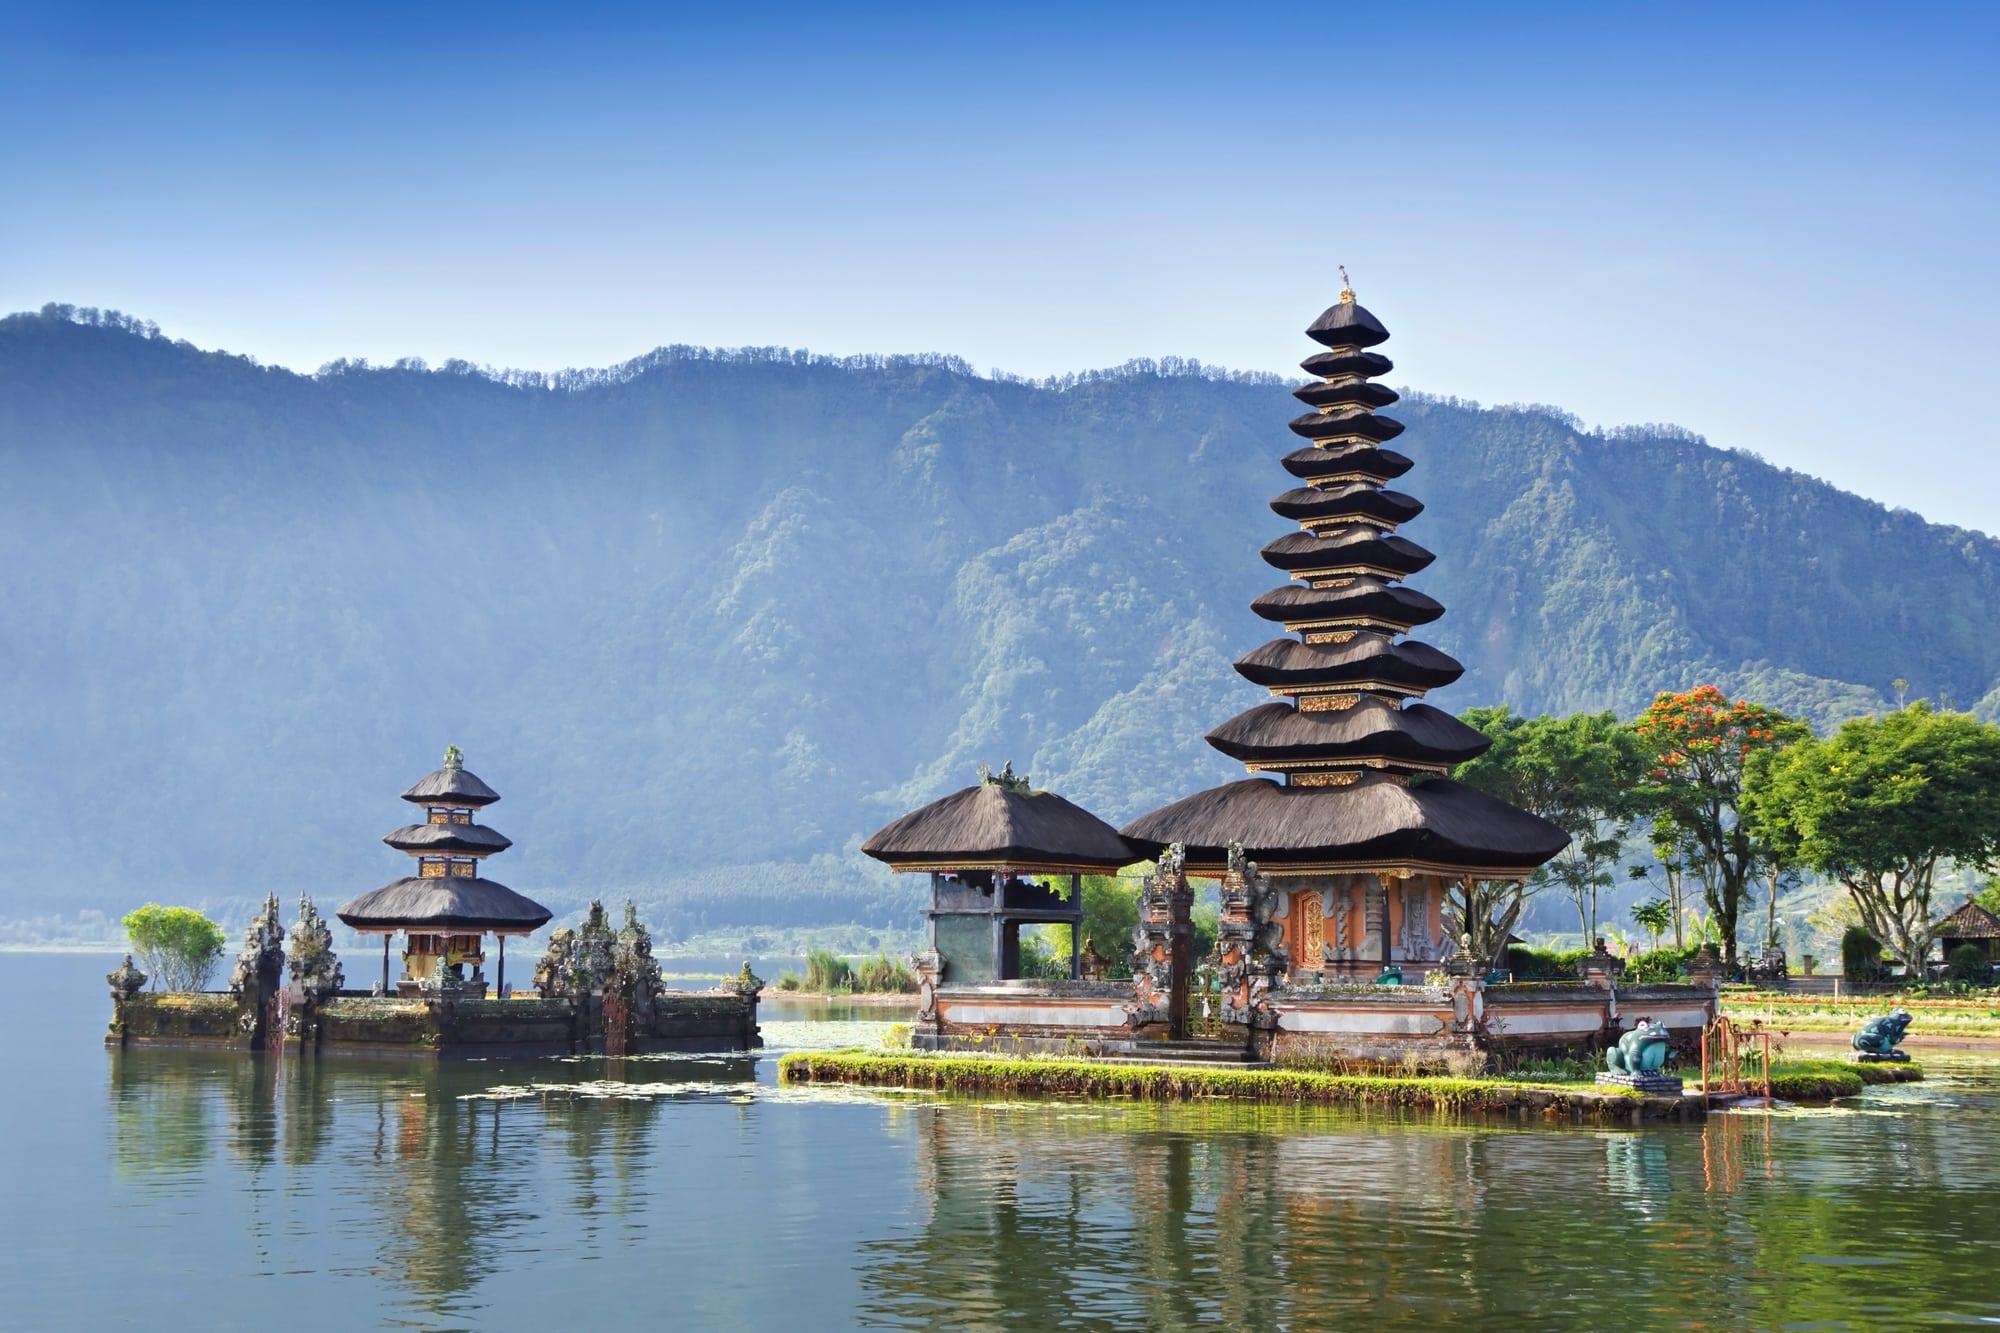 Indonesisch lernen: 6 Möglichkeiten + 2 Anfängerfehler